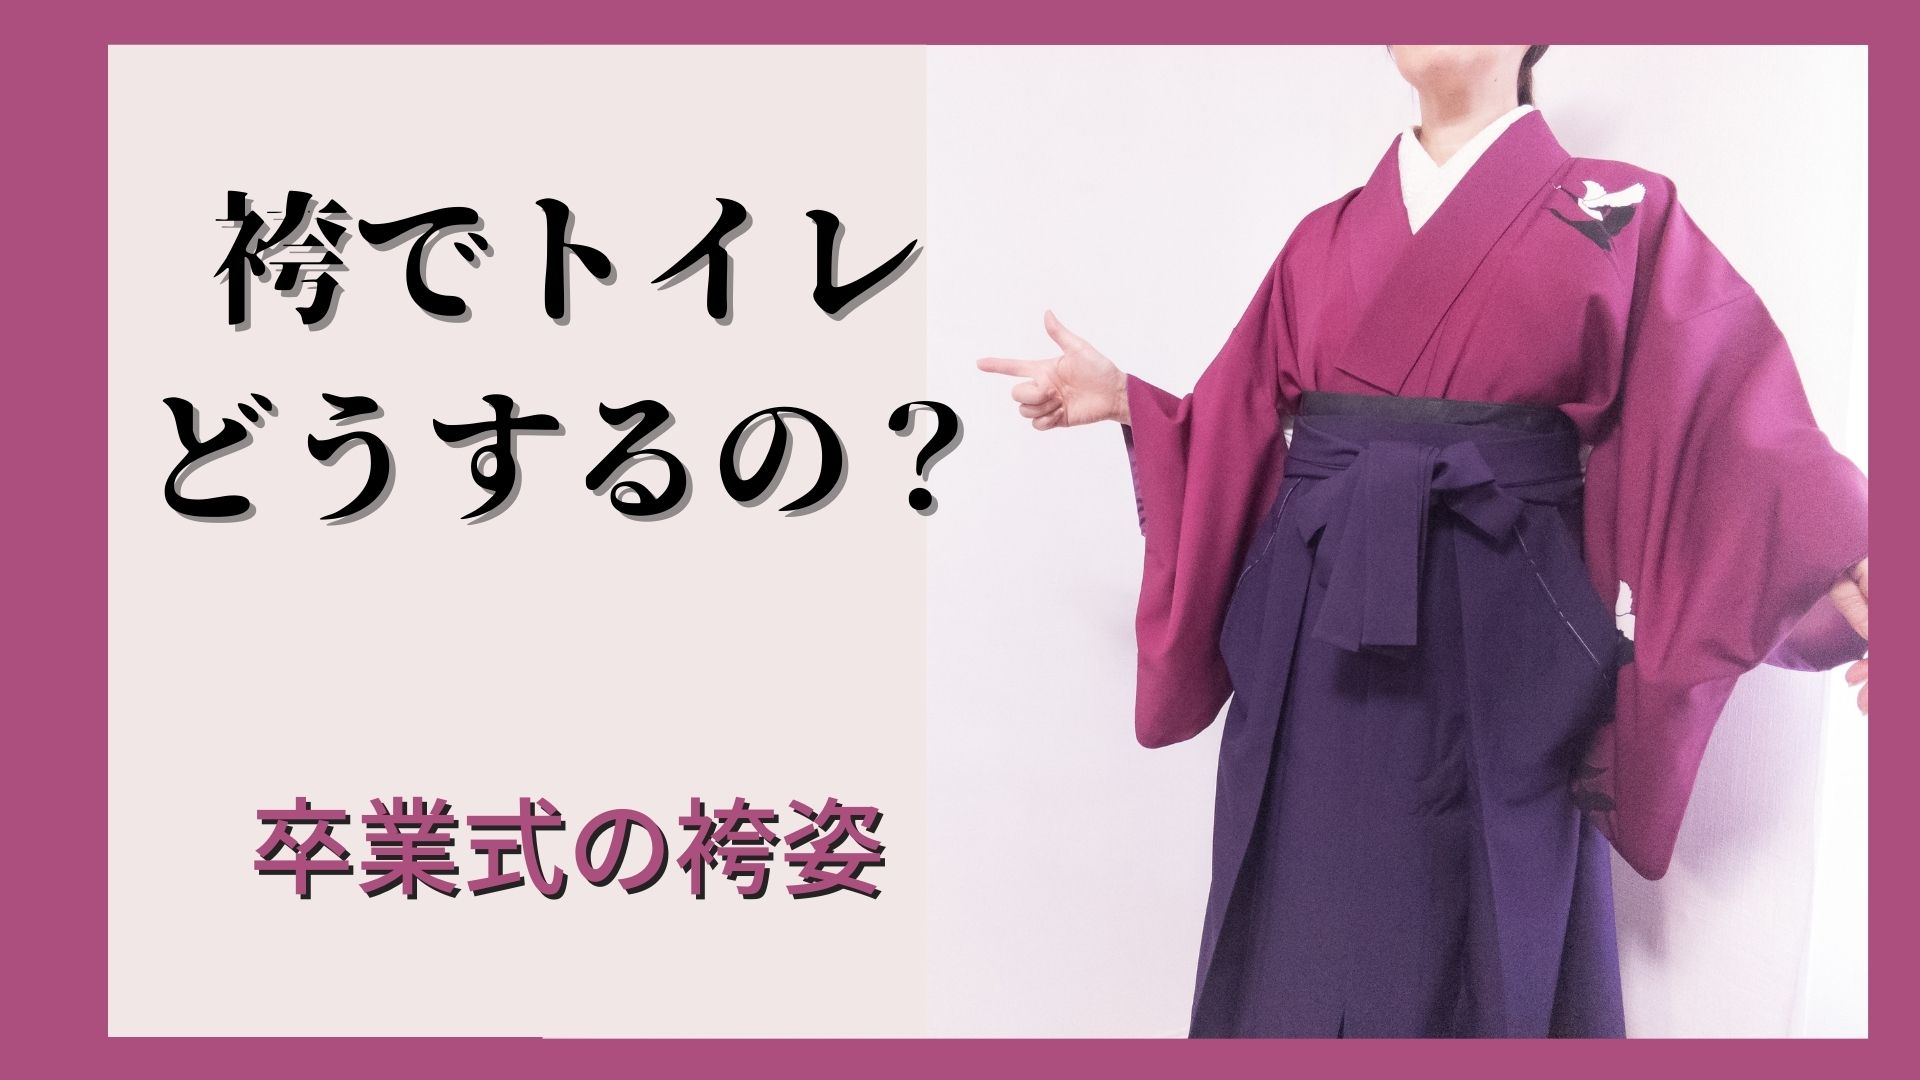 袴でトイレどうするの?